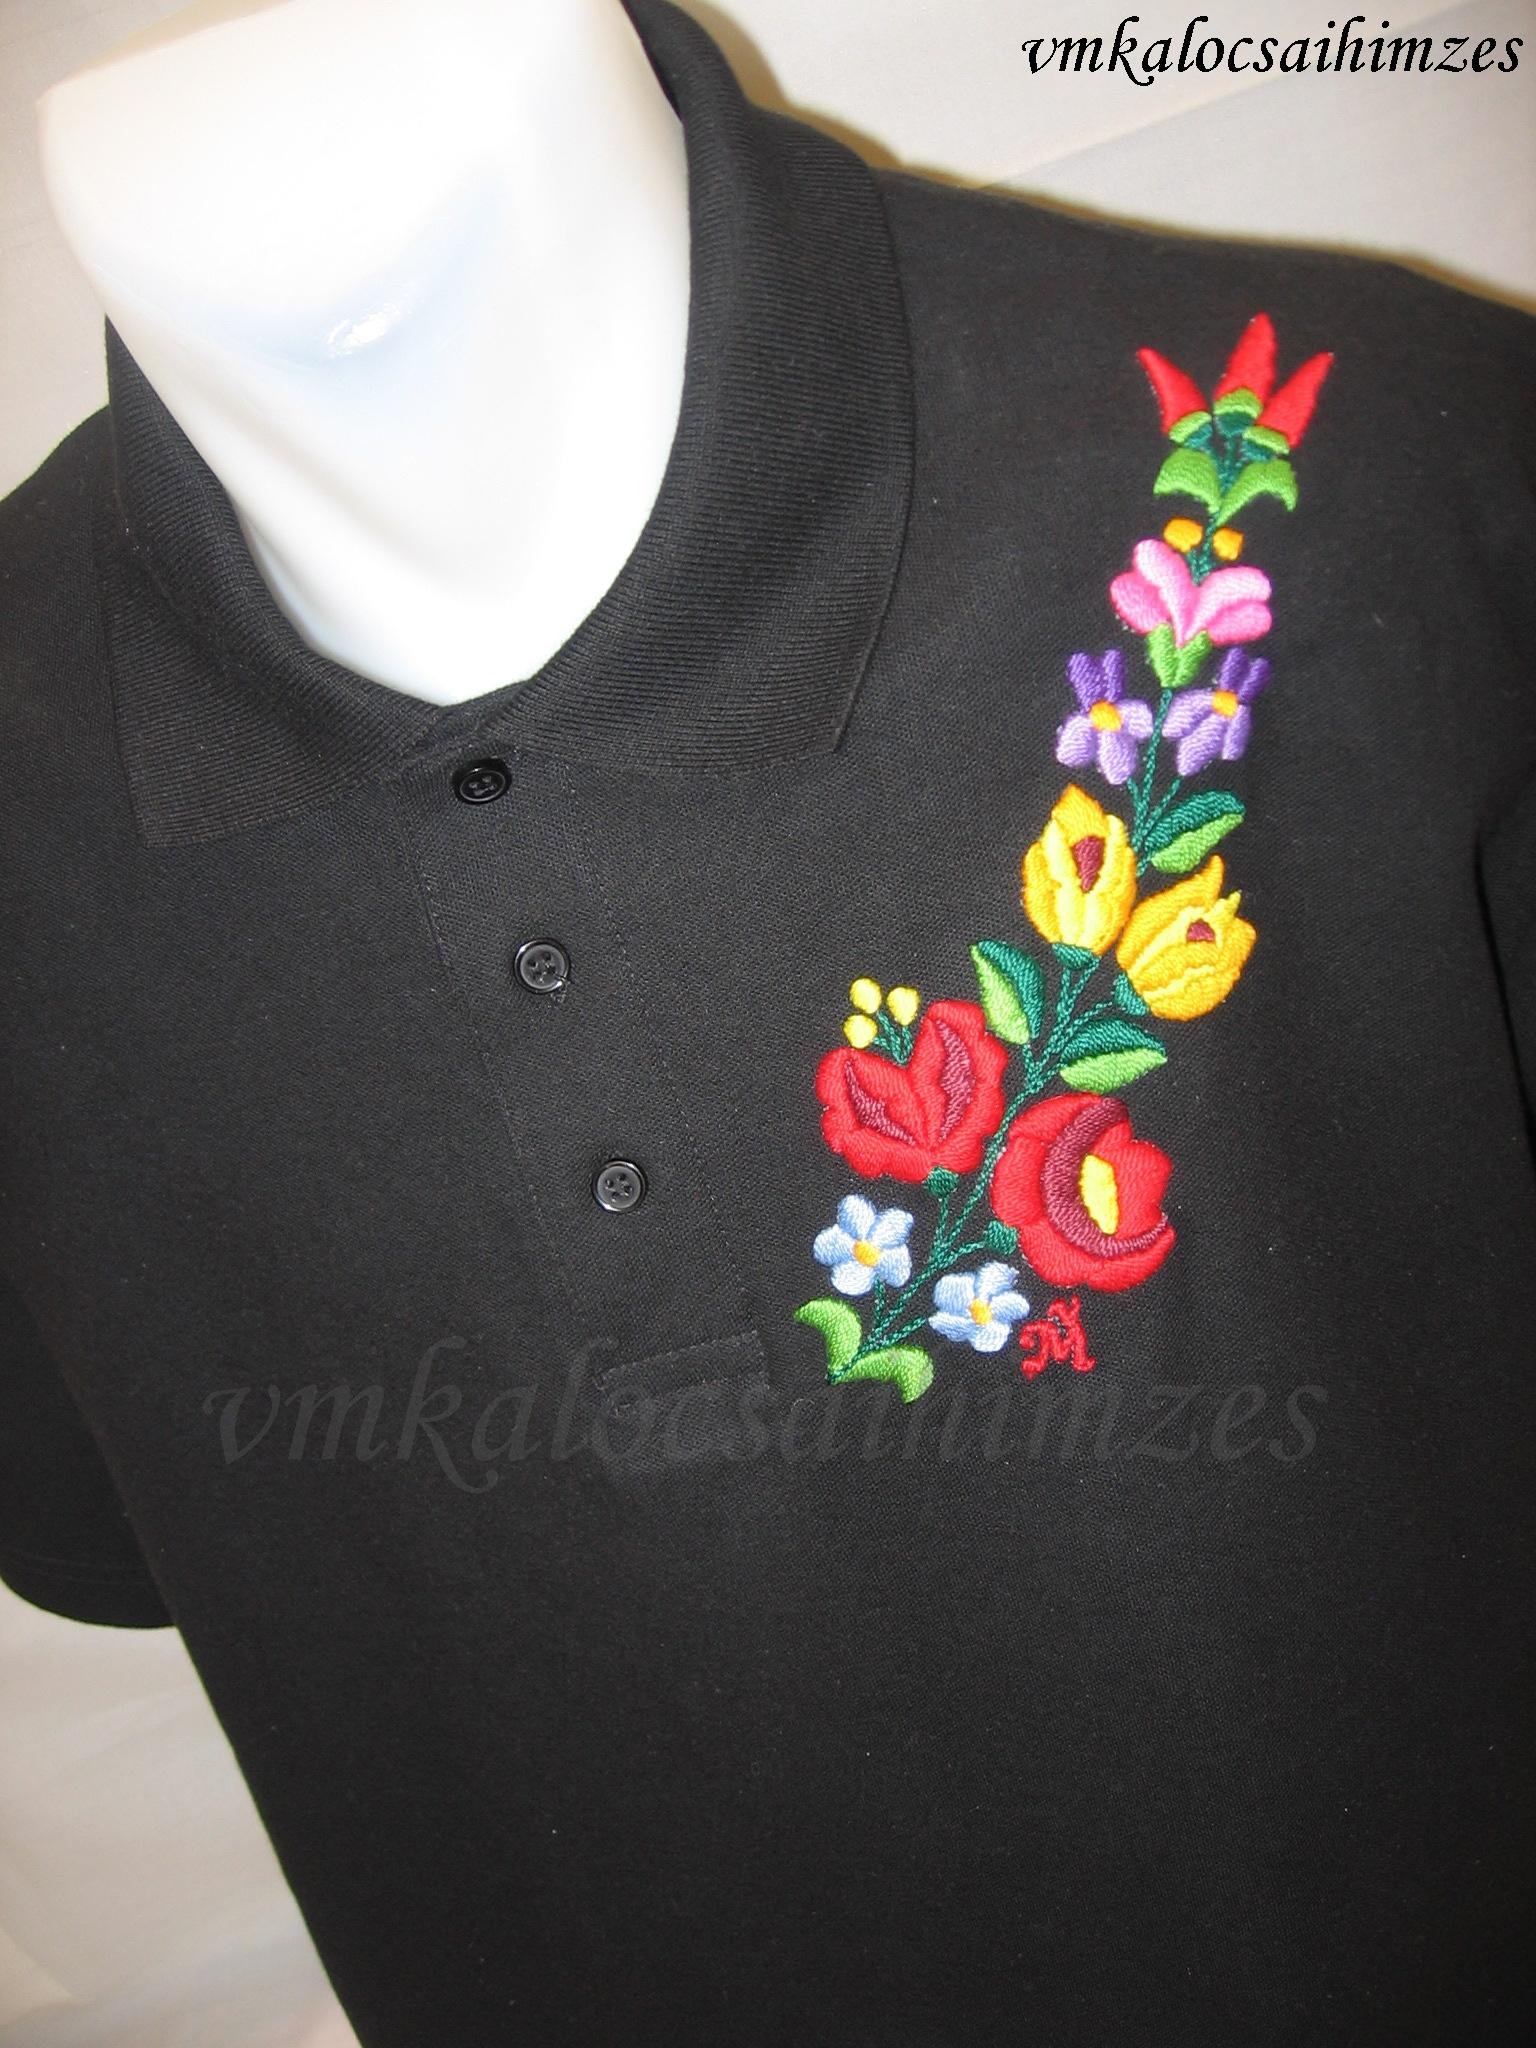 55f3df900a Iza kalocsai hímzett férfi póló